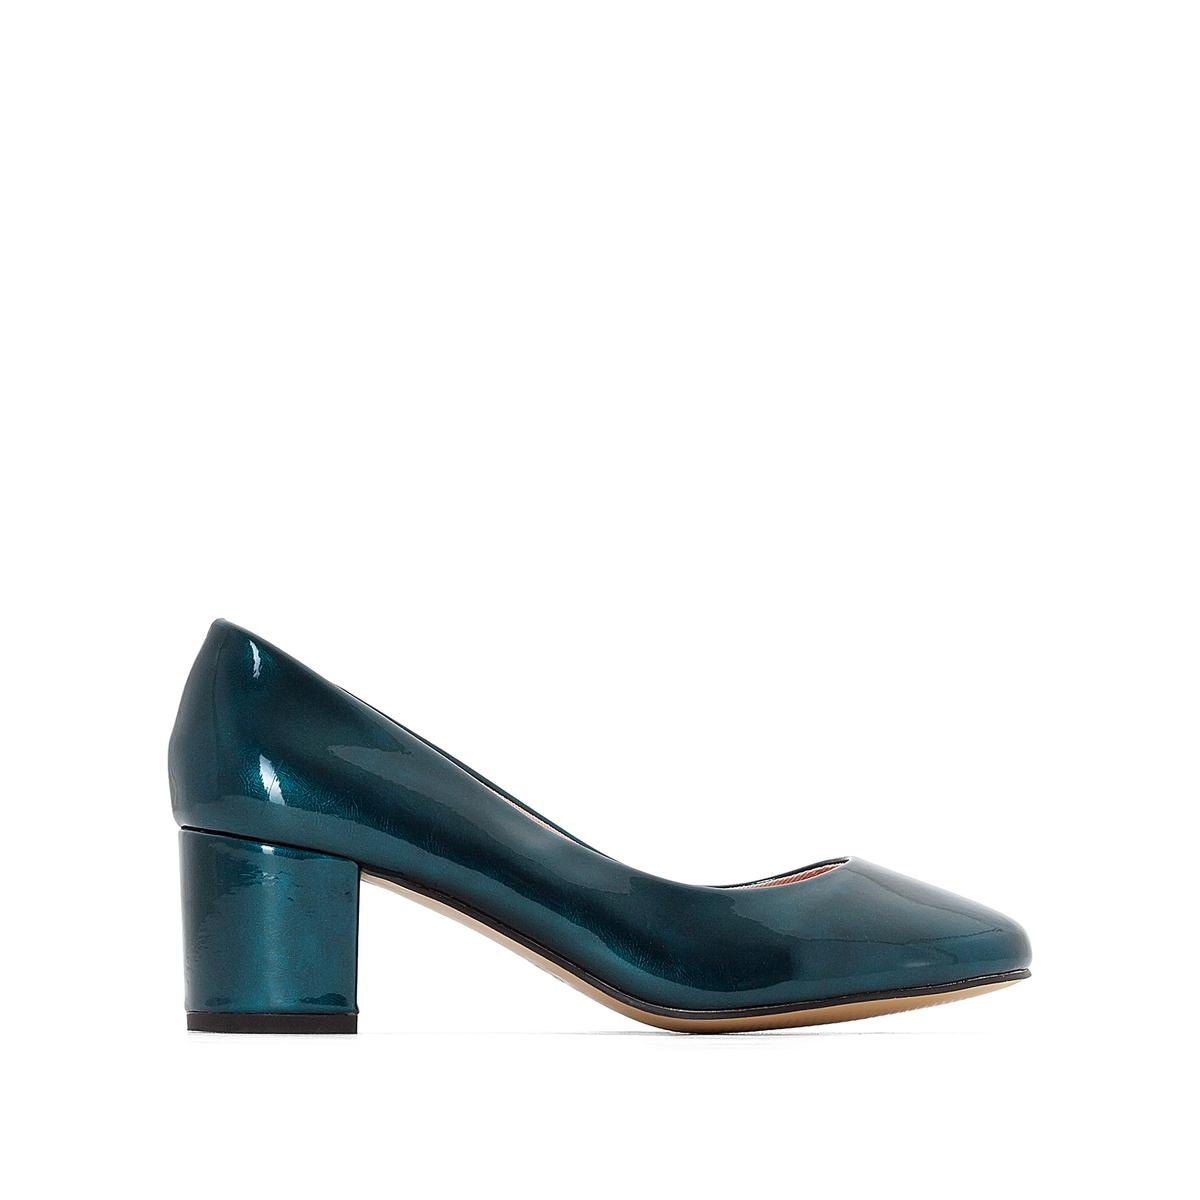 Балетки лакированные на среднем каблукеДетали   •  Высота каблука : 5,5 см •  Круглый мысок •  Застежка : без застежки •  ЛакированныеСостав и уход   •  Верх 100% синтетический материал •  Подкладка 100% синтетический материал •  Стелька 100% кожа •  Подошва 100% эластомер<br><br>Цвет: сине-зеленый,черный<br>Размер: 38.35.40.37.41.38